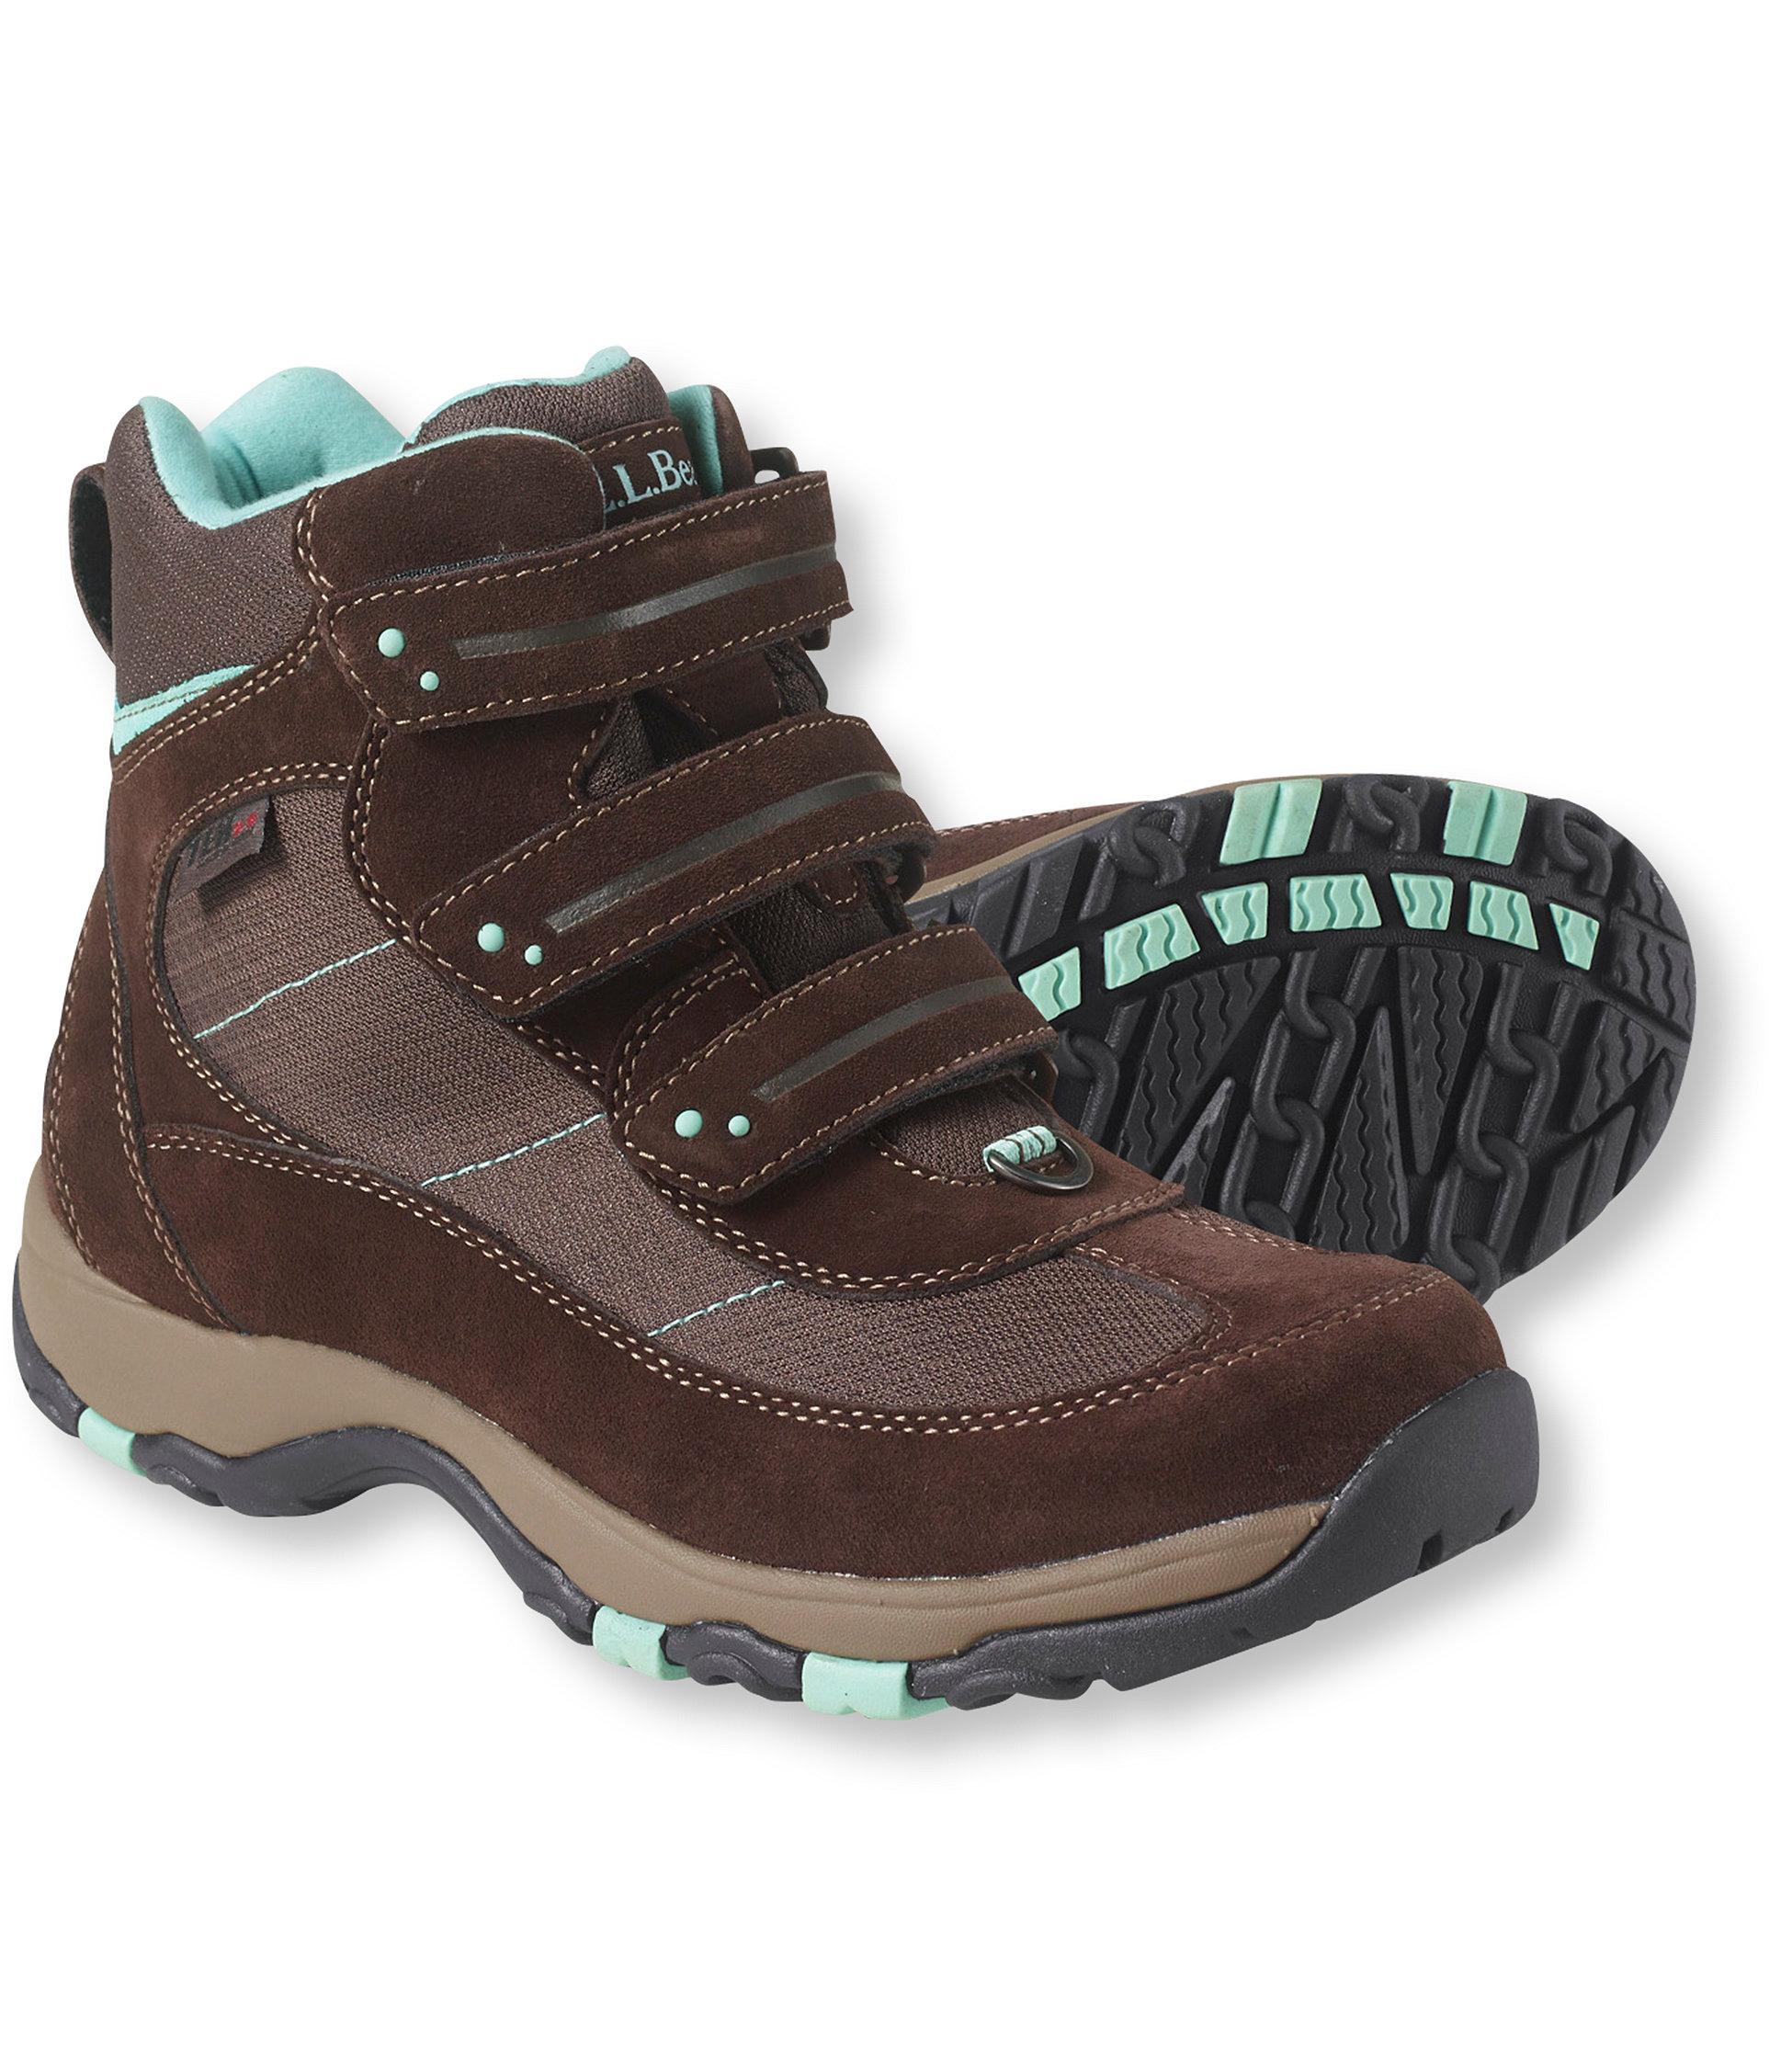 L.L.Bean Waterproof Snow Sneakers, Hook-And-Loop Closure